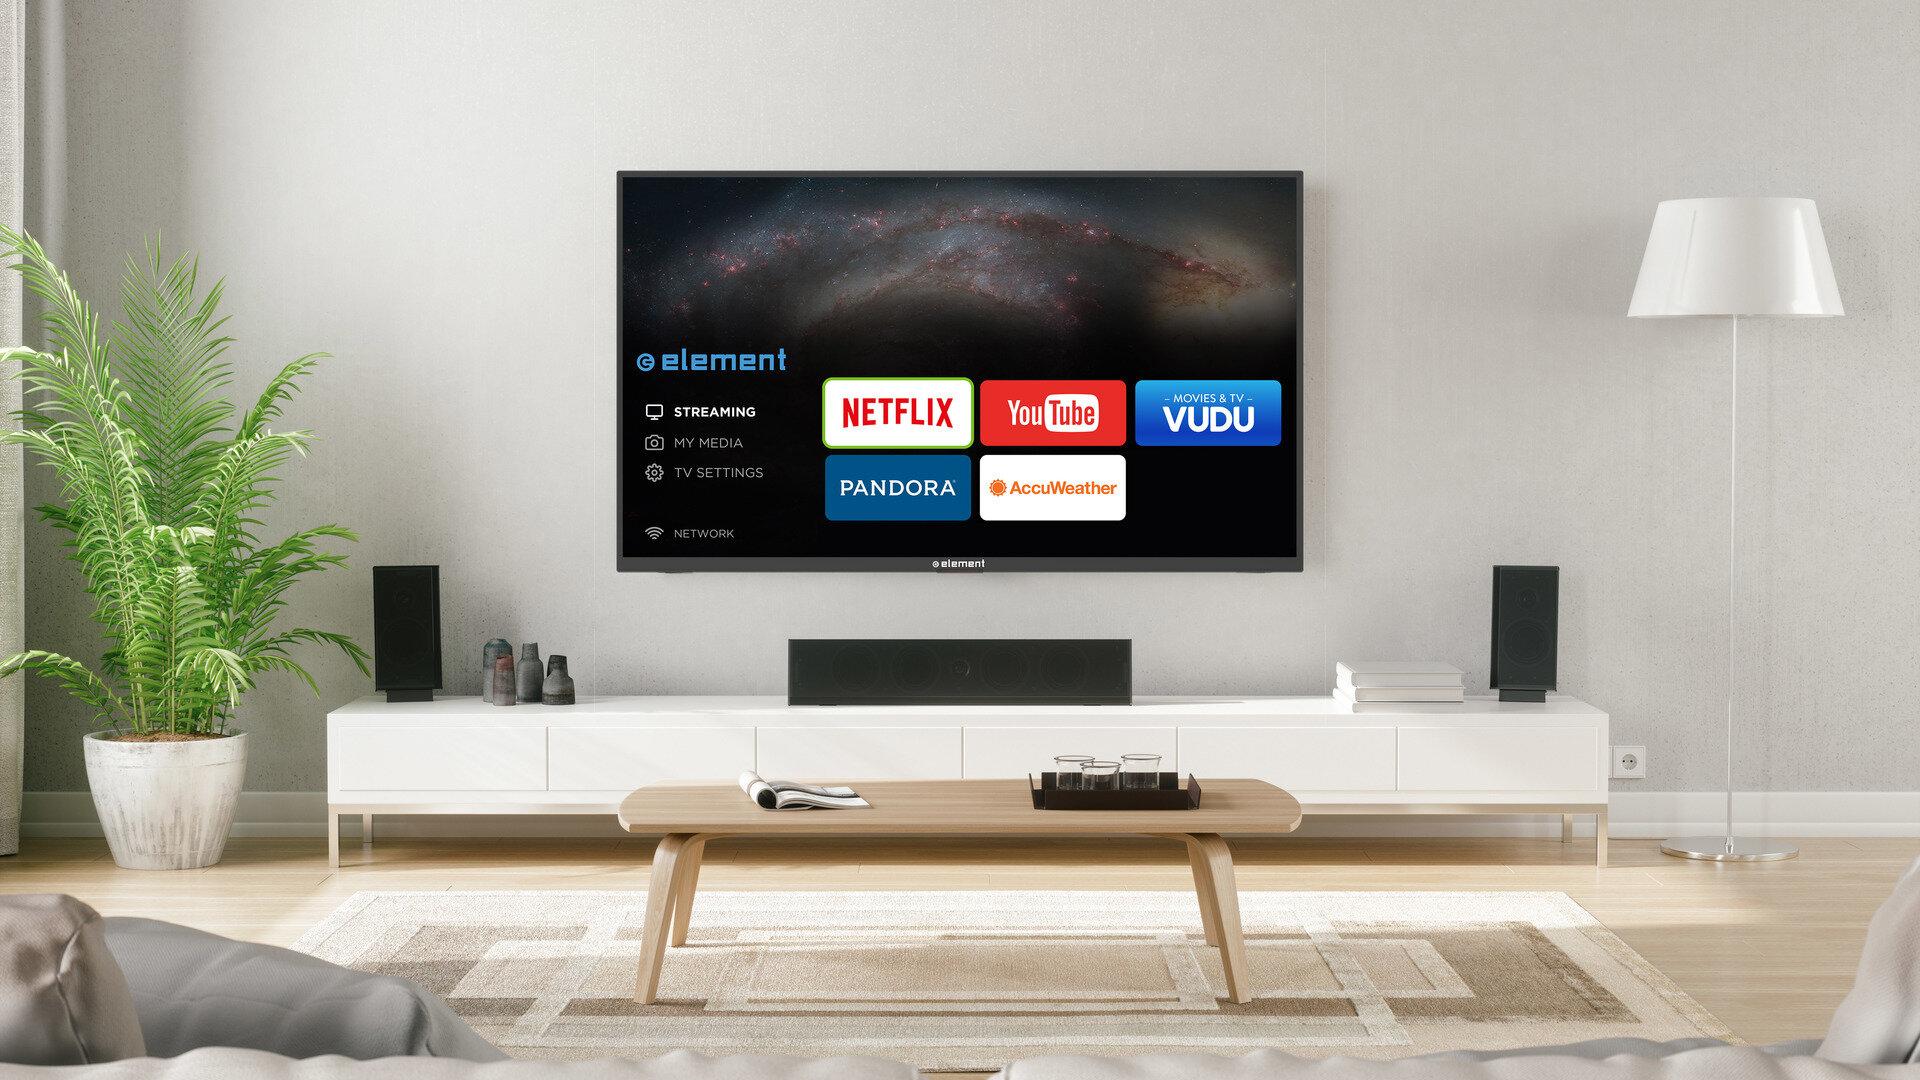 Một chiếc tivi với thiết kế sang trọng, tinh tế sẽ giúp tô điểm không gian nội thất của gia đình bạn